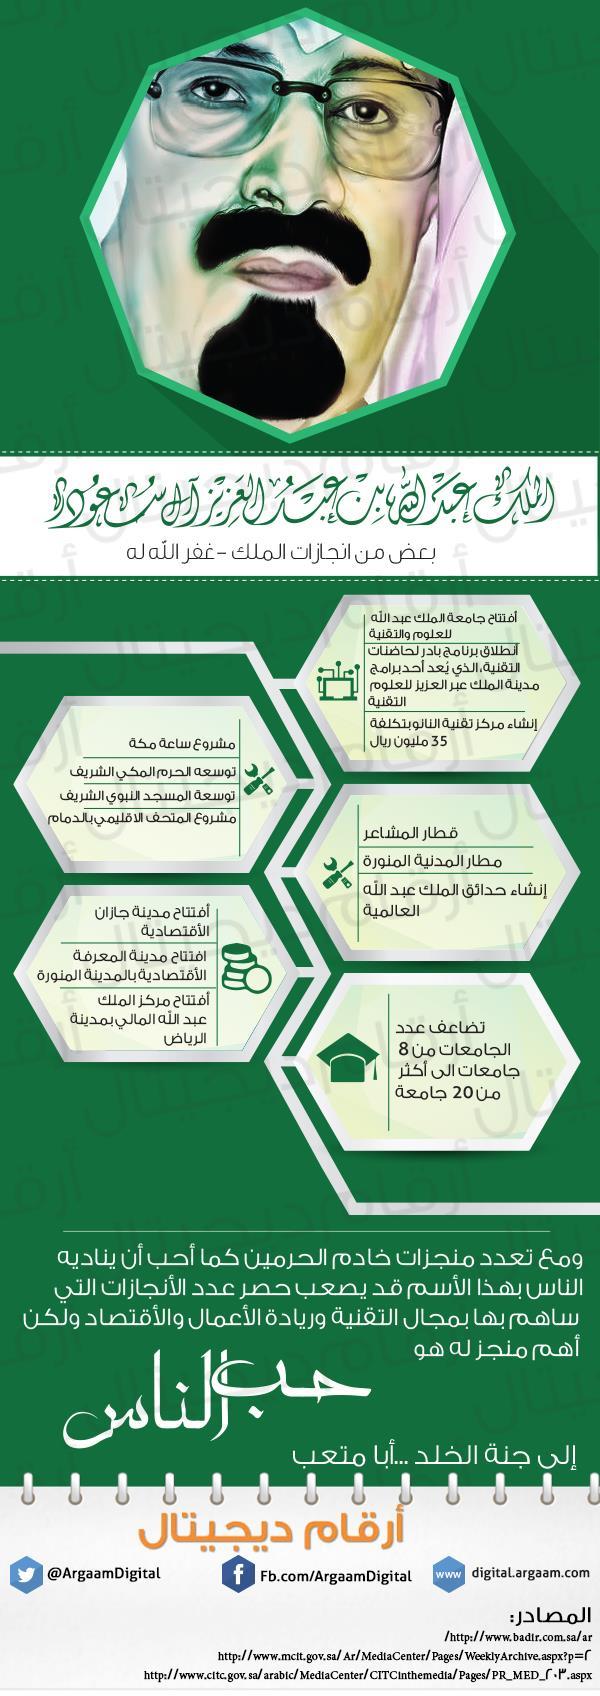 إنفوجرافيك: أهم إنجازات الملك عبدالله بن عبدالعزيز